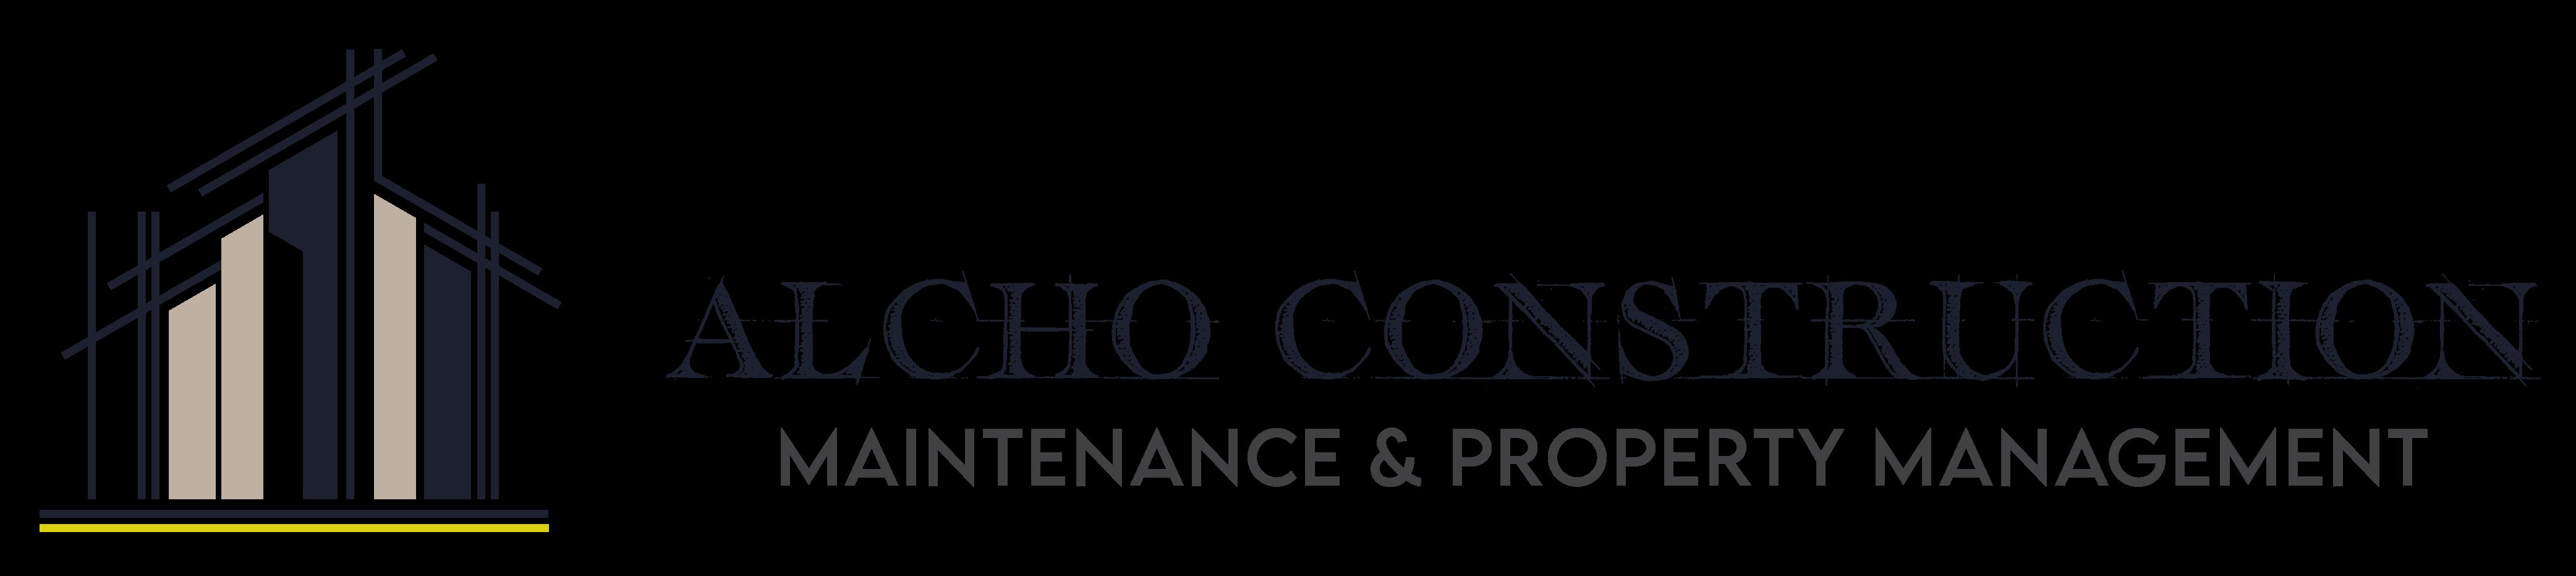 Alcho Construction Maintenance & Property Management